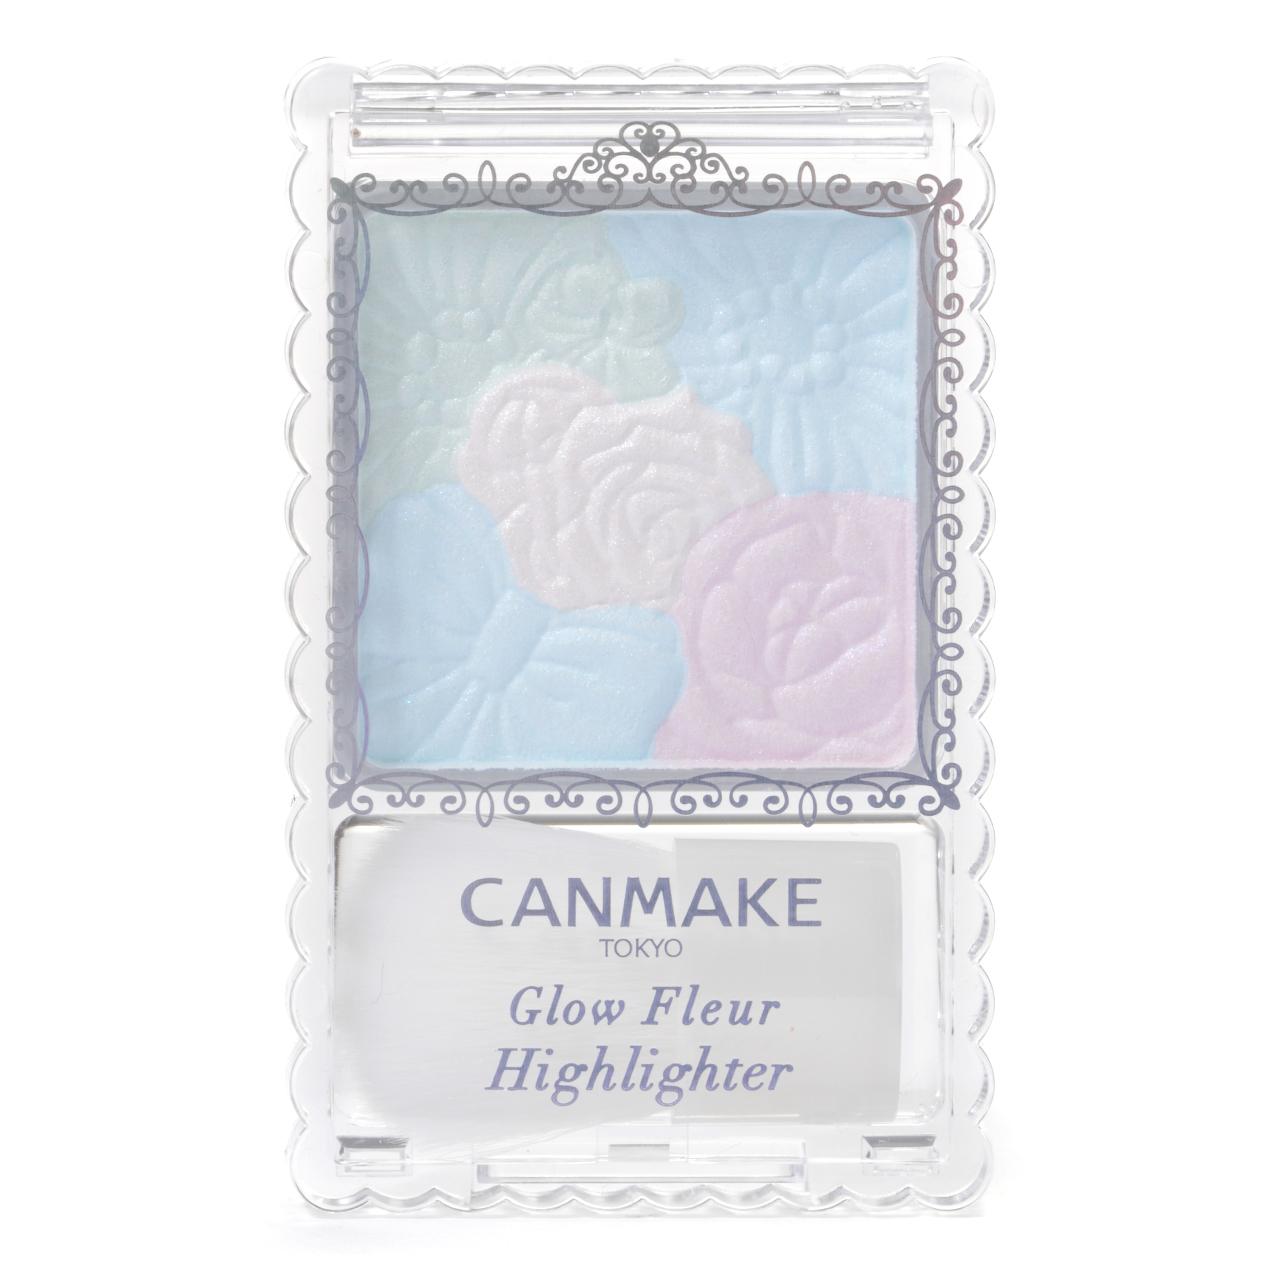 CANMAKE(キャンメイク) グロウフルールハイライター